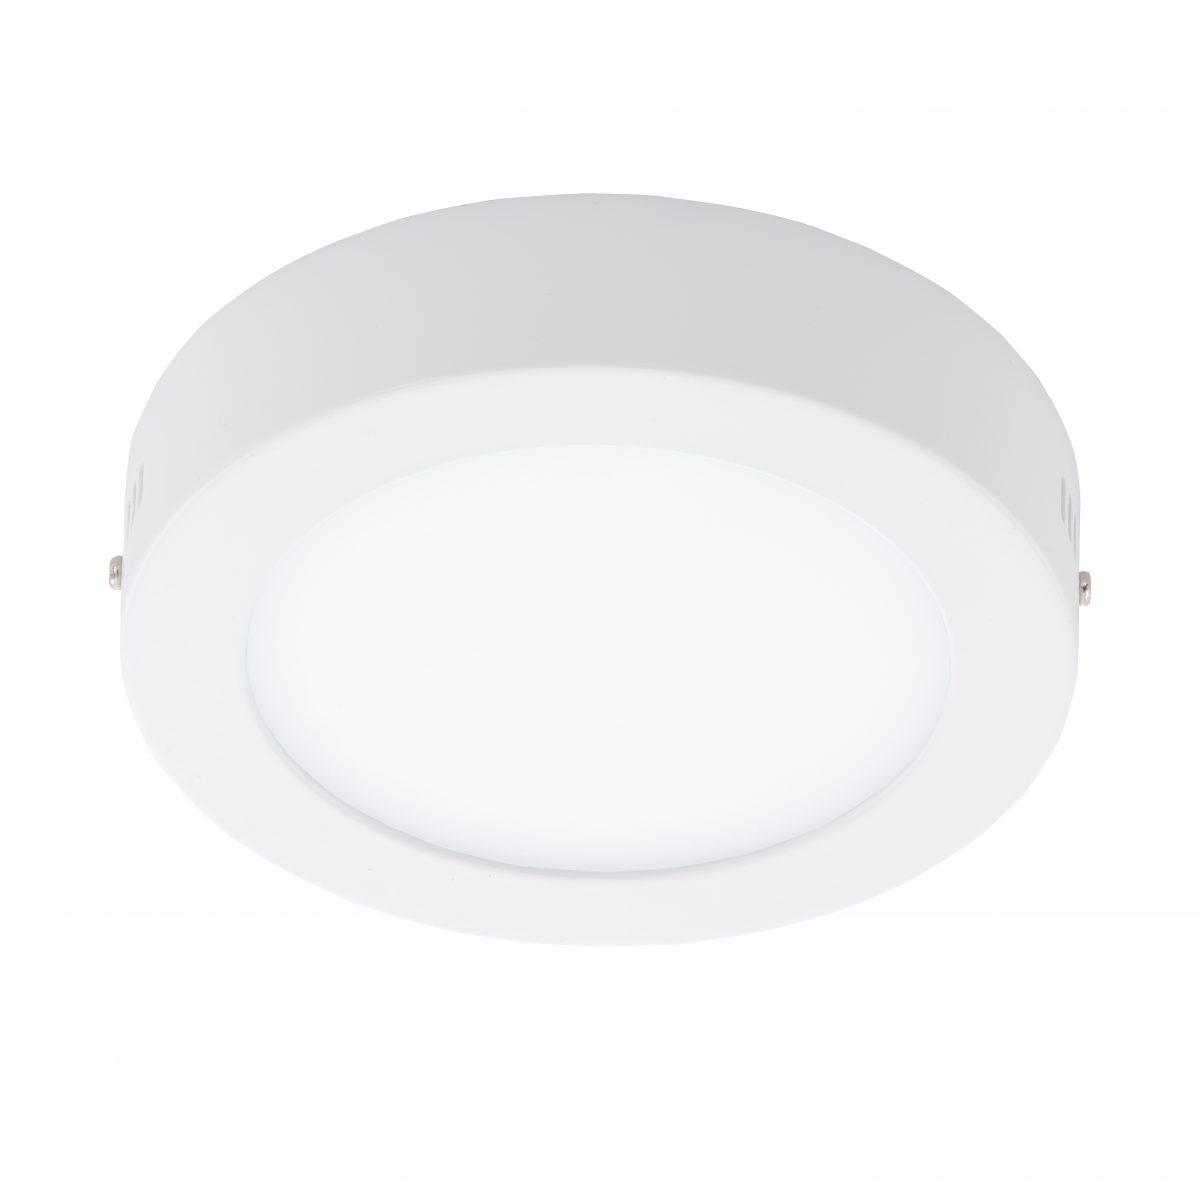 Светильник настенно-потолочный FUEVA 1 EGLO 94072 - Фото №28